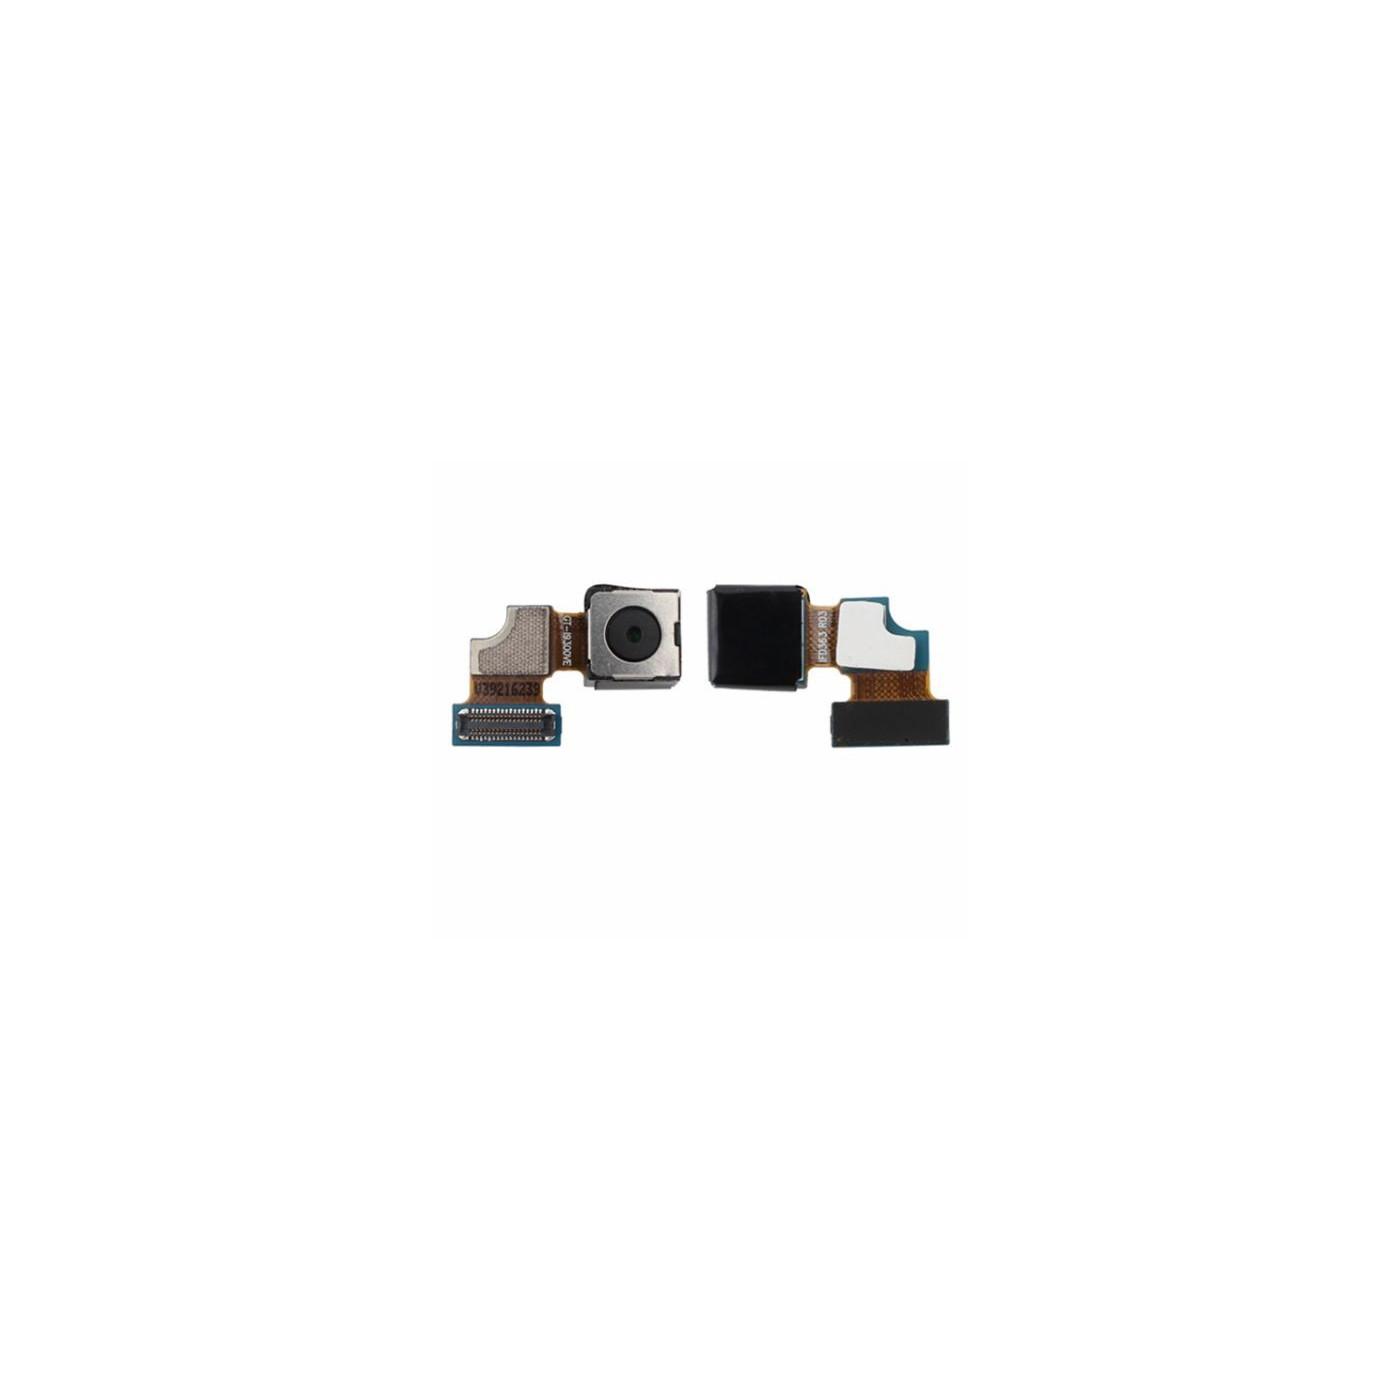 Rear Camera for Galaxy s3 i9300